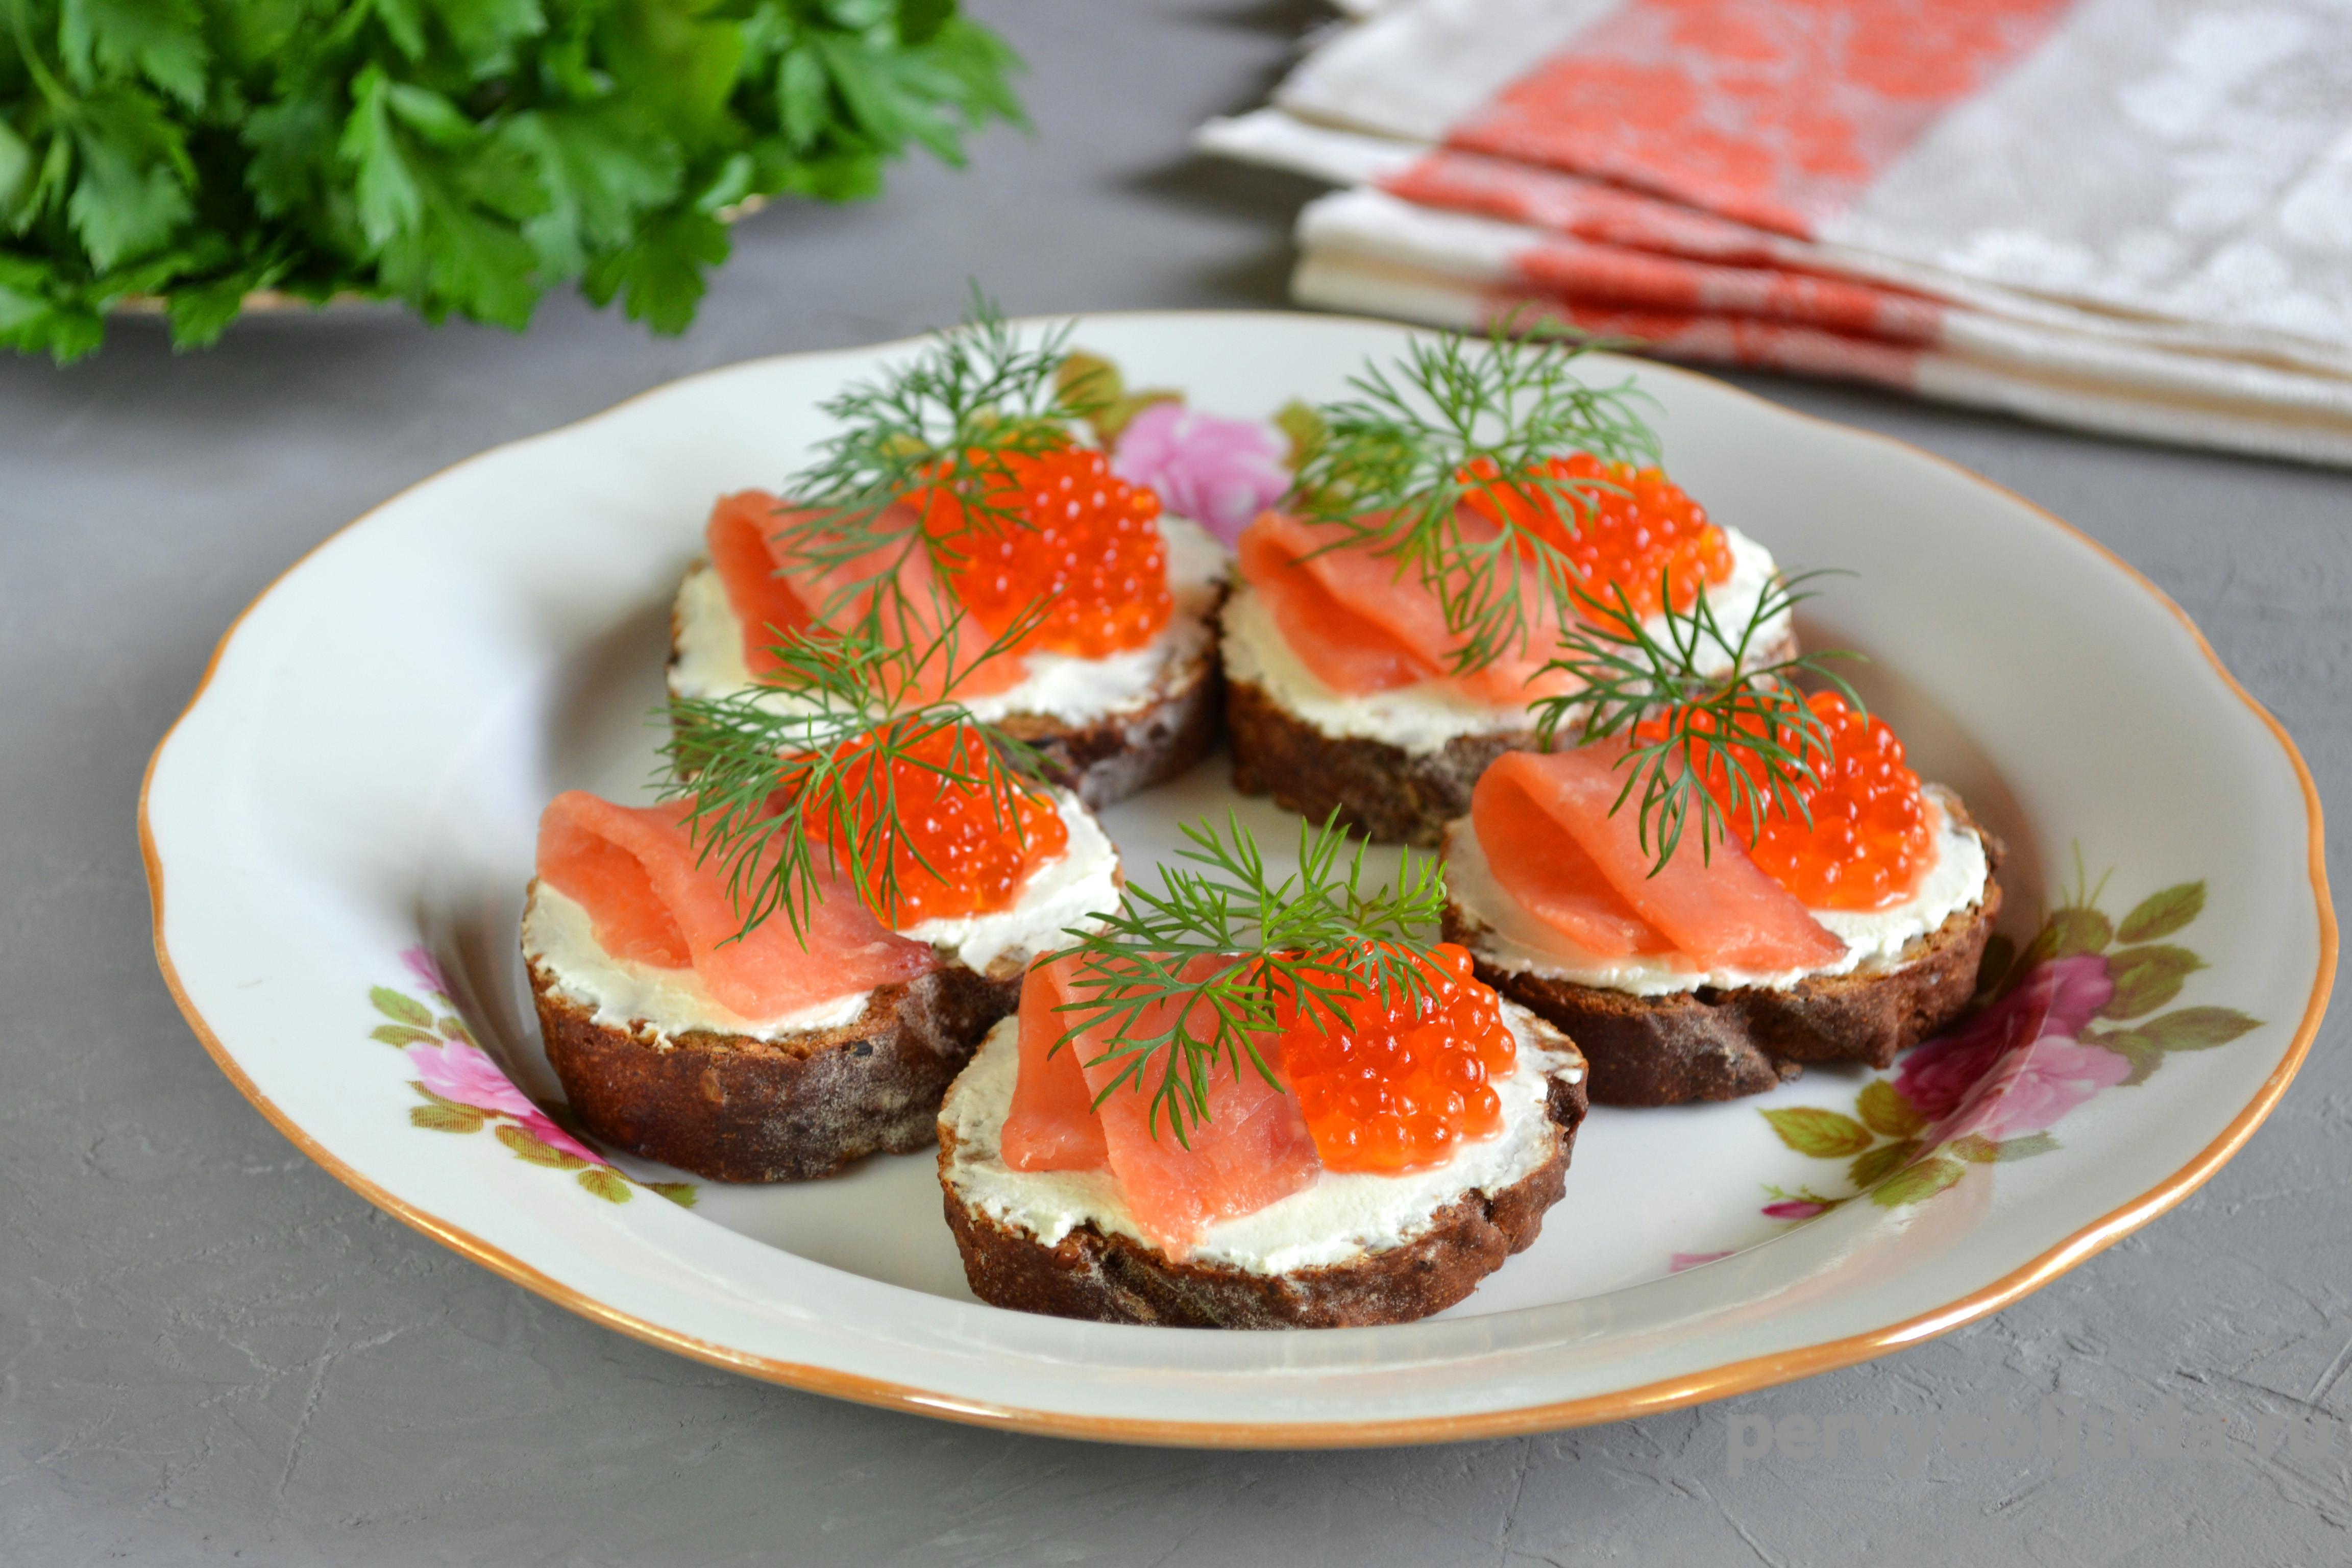 оформление бутербродов с красной икрой